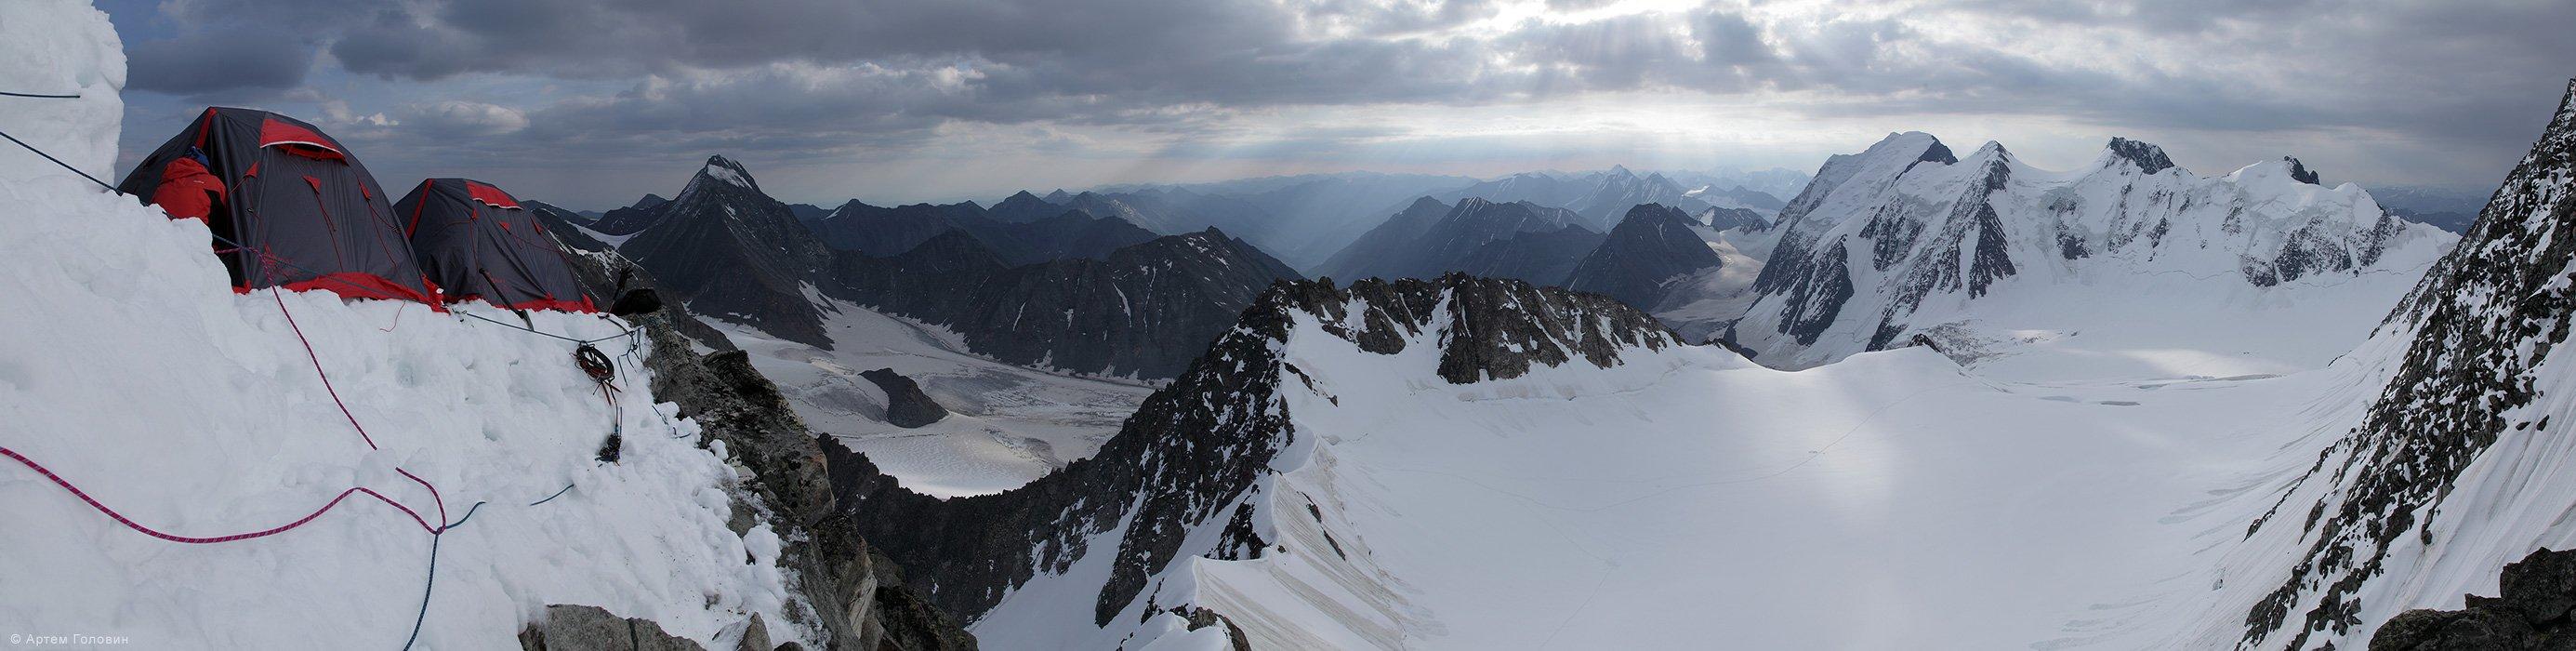 Делоне, альпинизм, лагерь, Катунский хребет, Алтай, Артем Головин